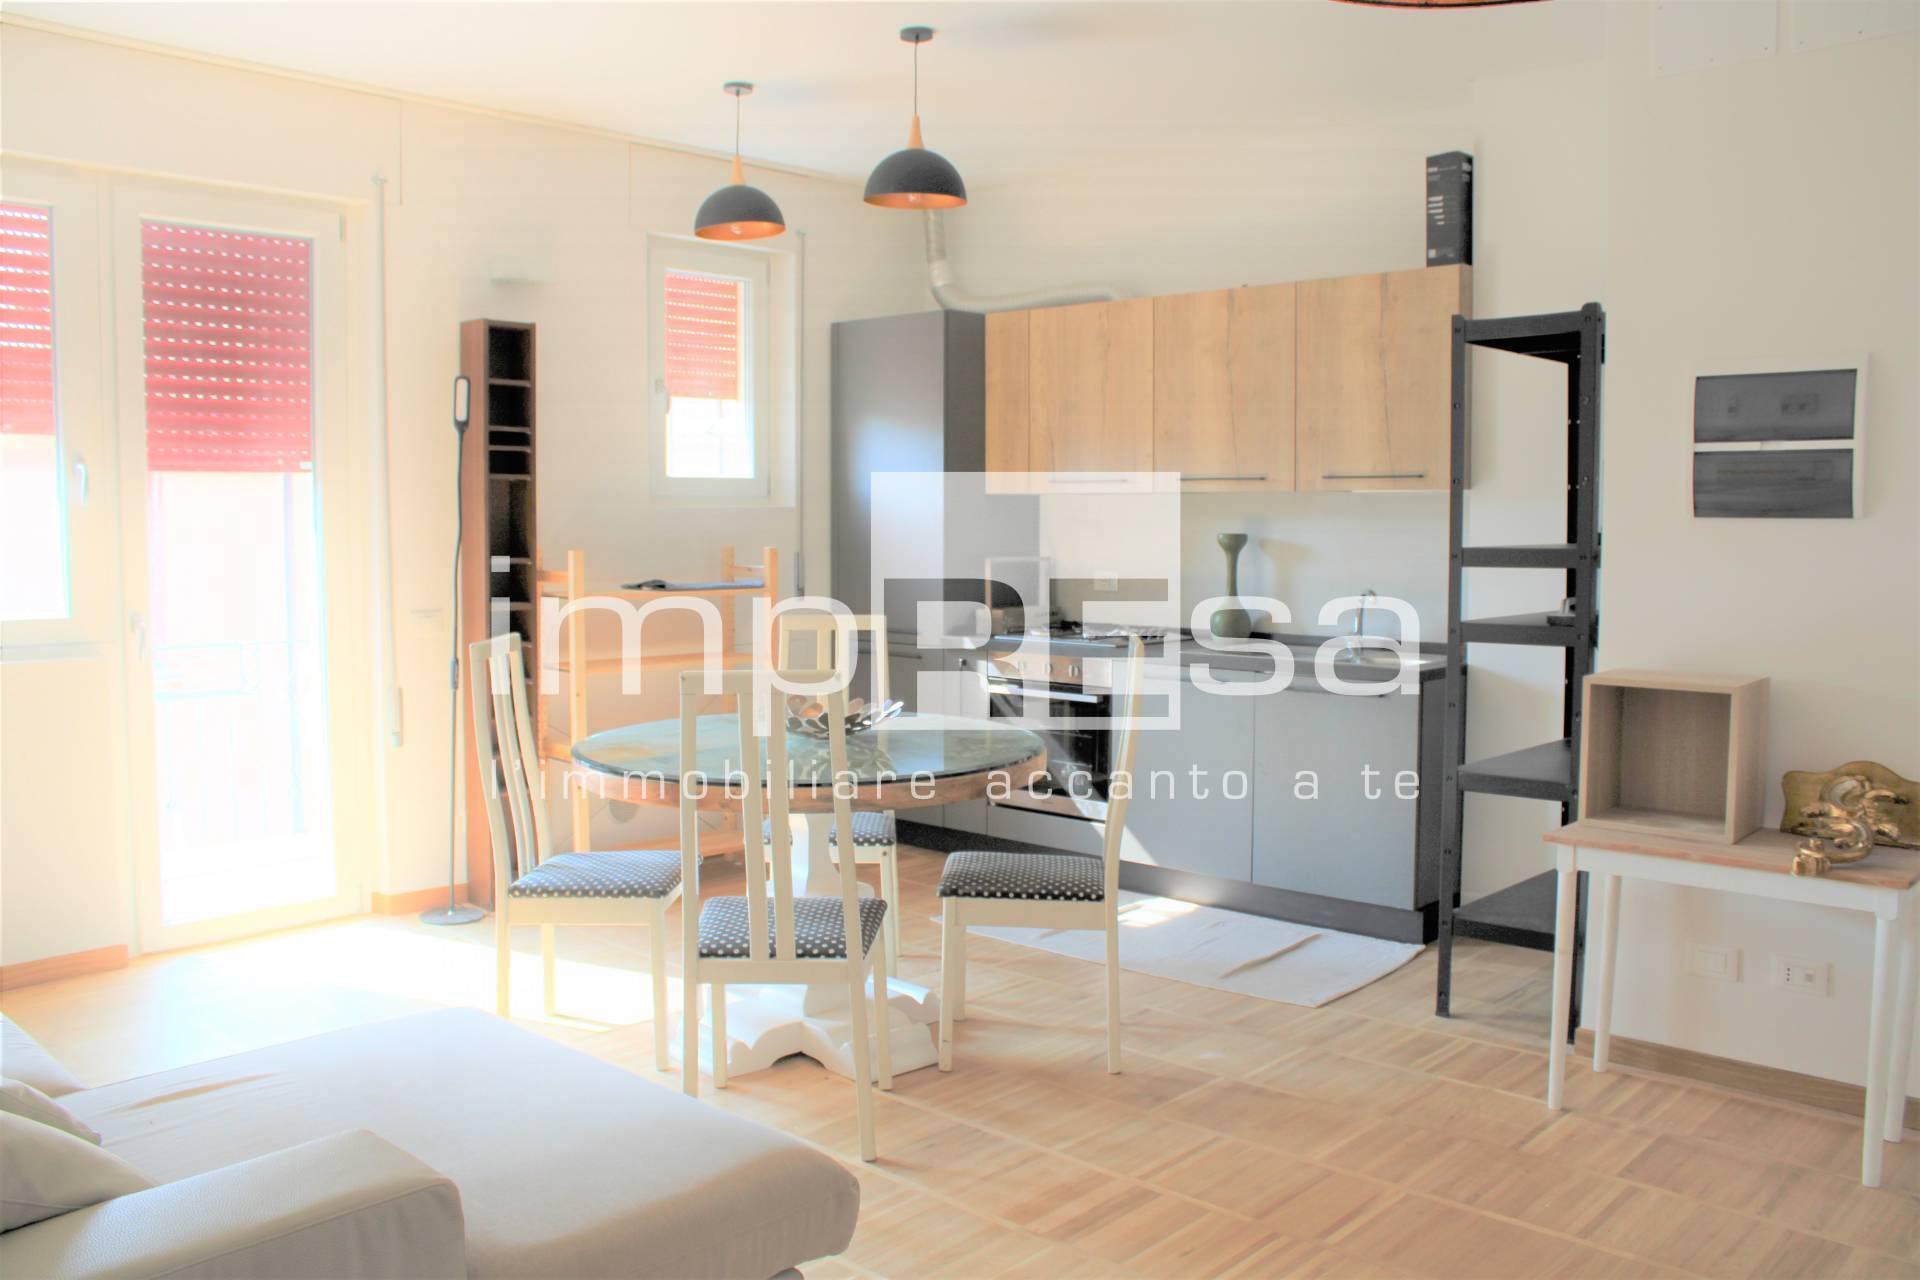 Appartamento in vendita a Mogliano Veneto, 5 locali, prezzo € 170.000   PortaleAgenzieImmobiliari.it